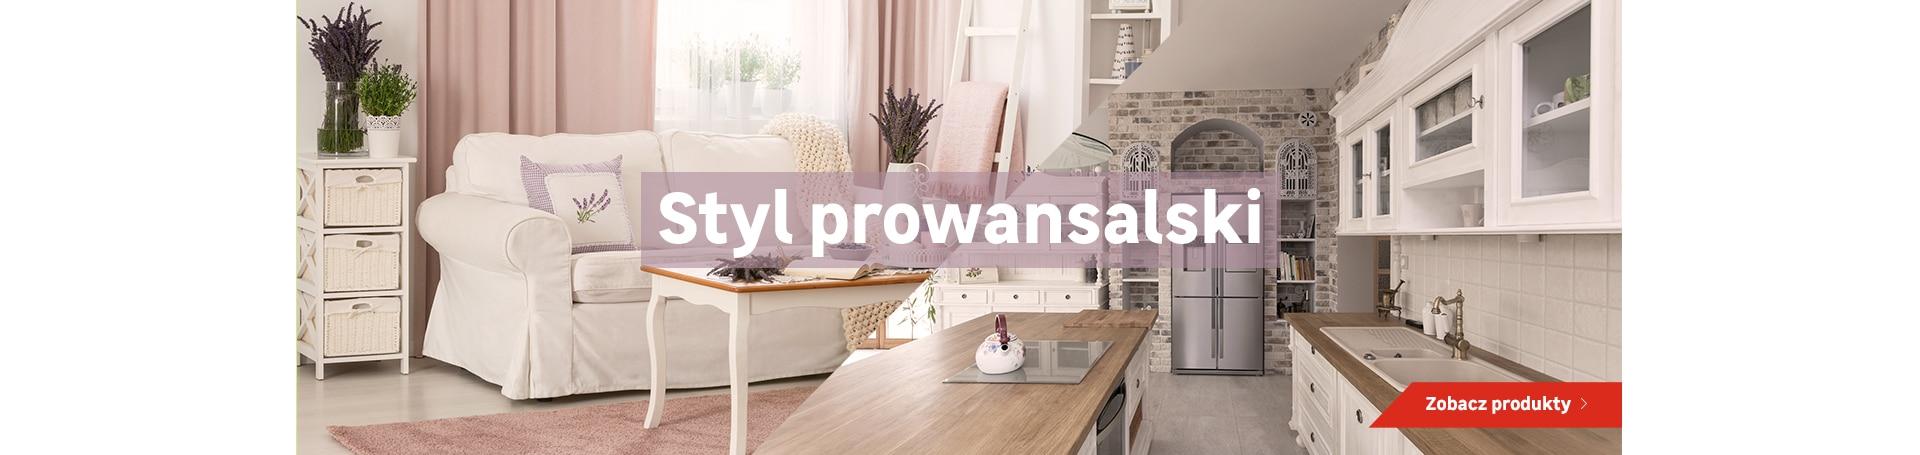 sk-styl-prowansalski-23.01-12.02.2019-1923x455